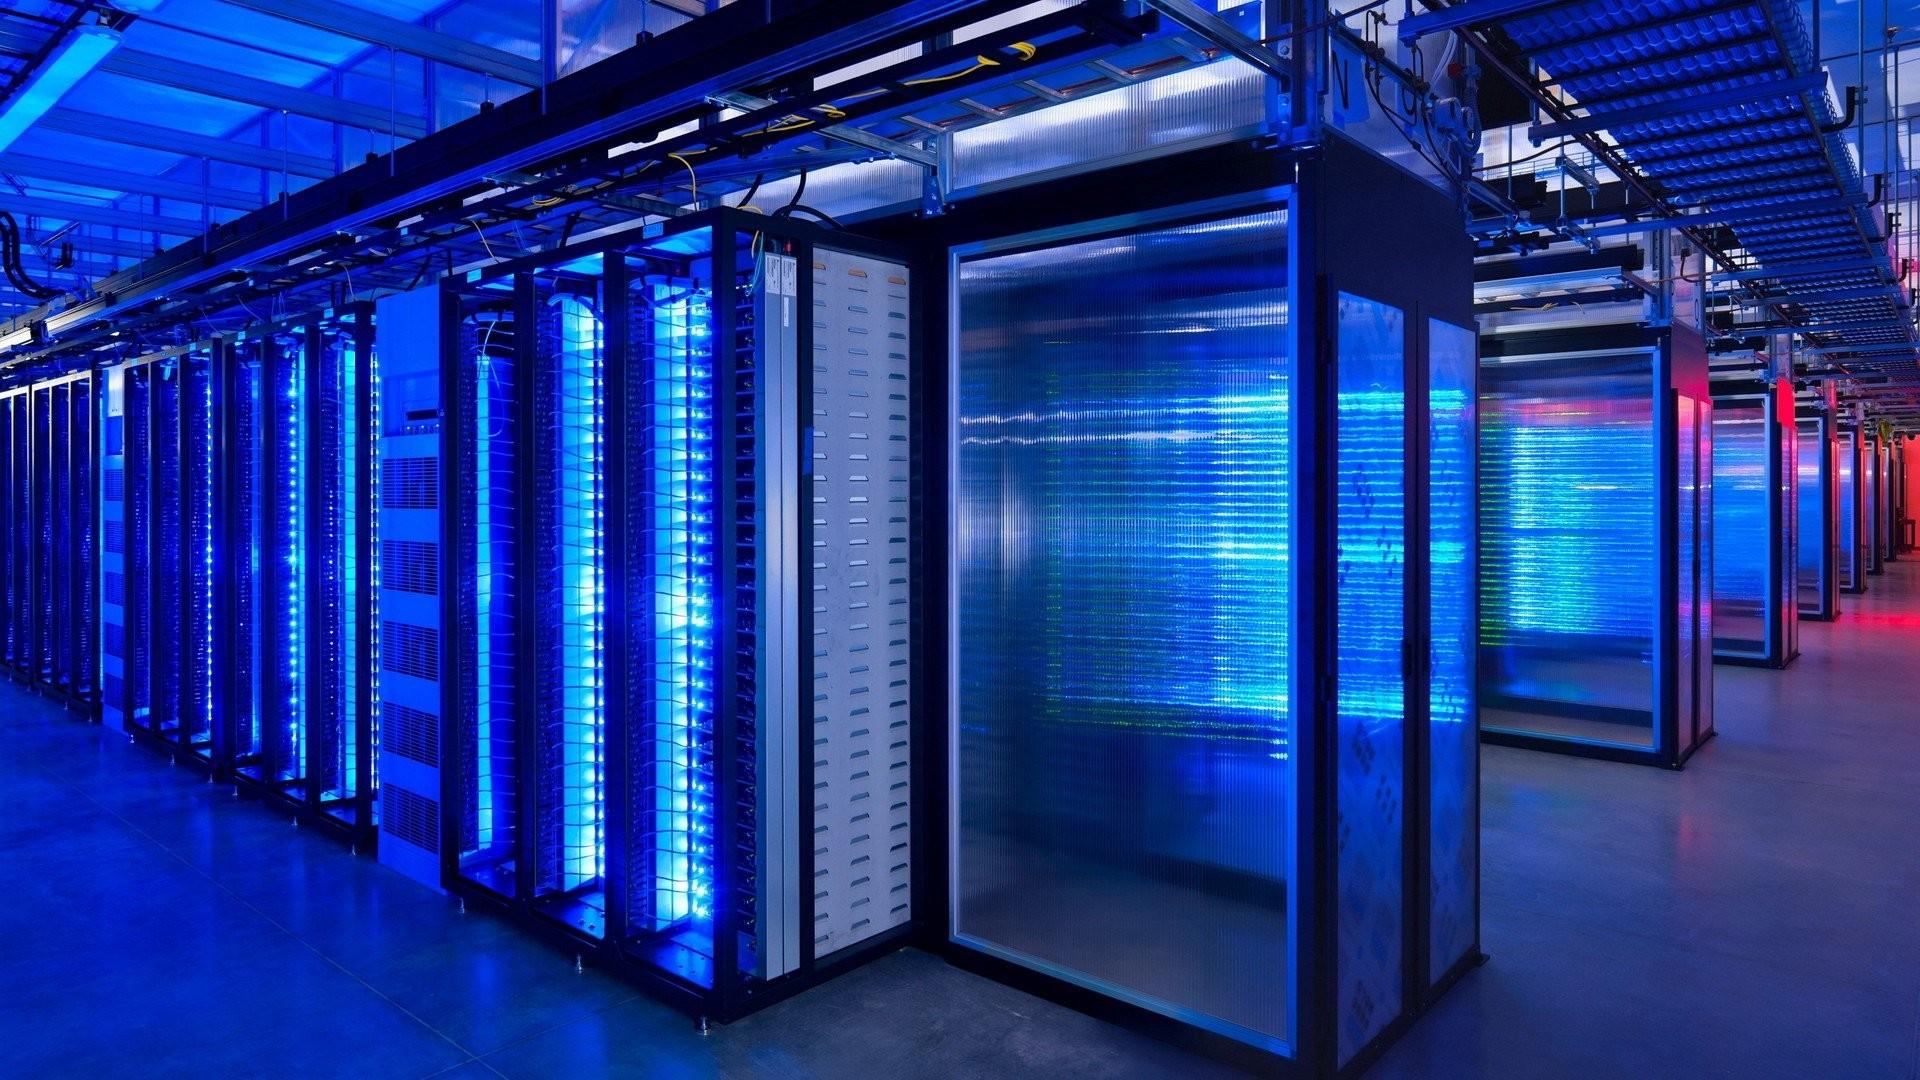 Science computers server data center computer technology wallpaper |  | 261138 | WallpaperUP